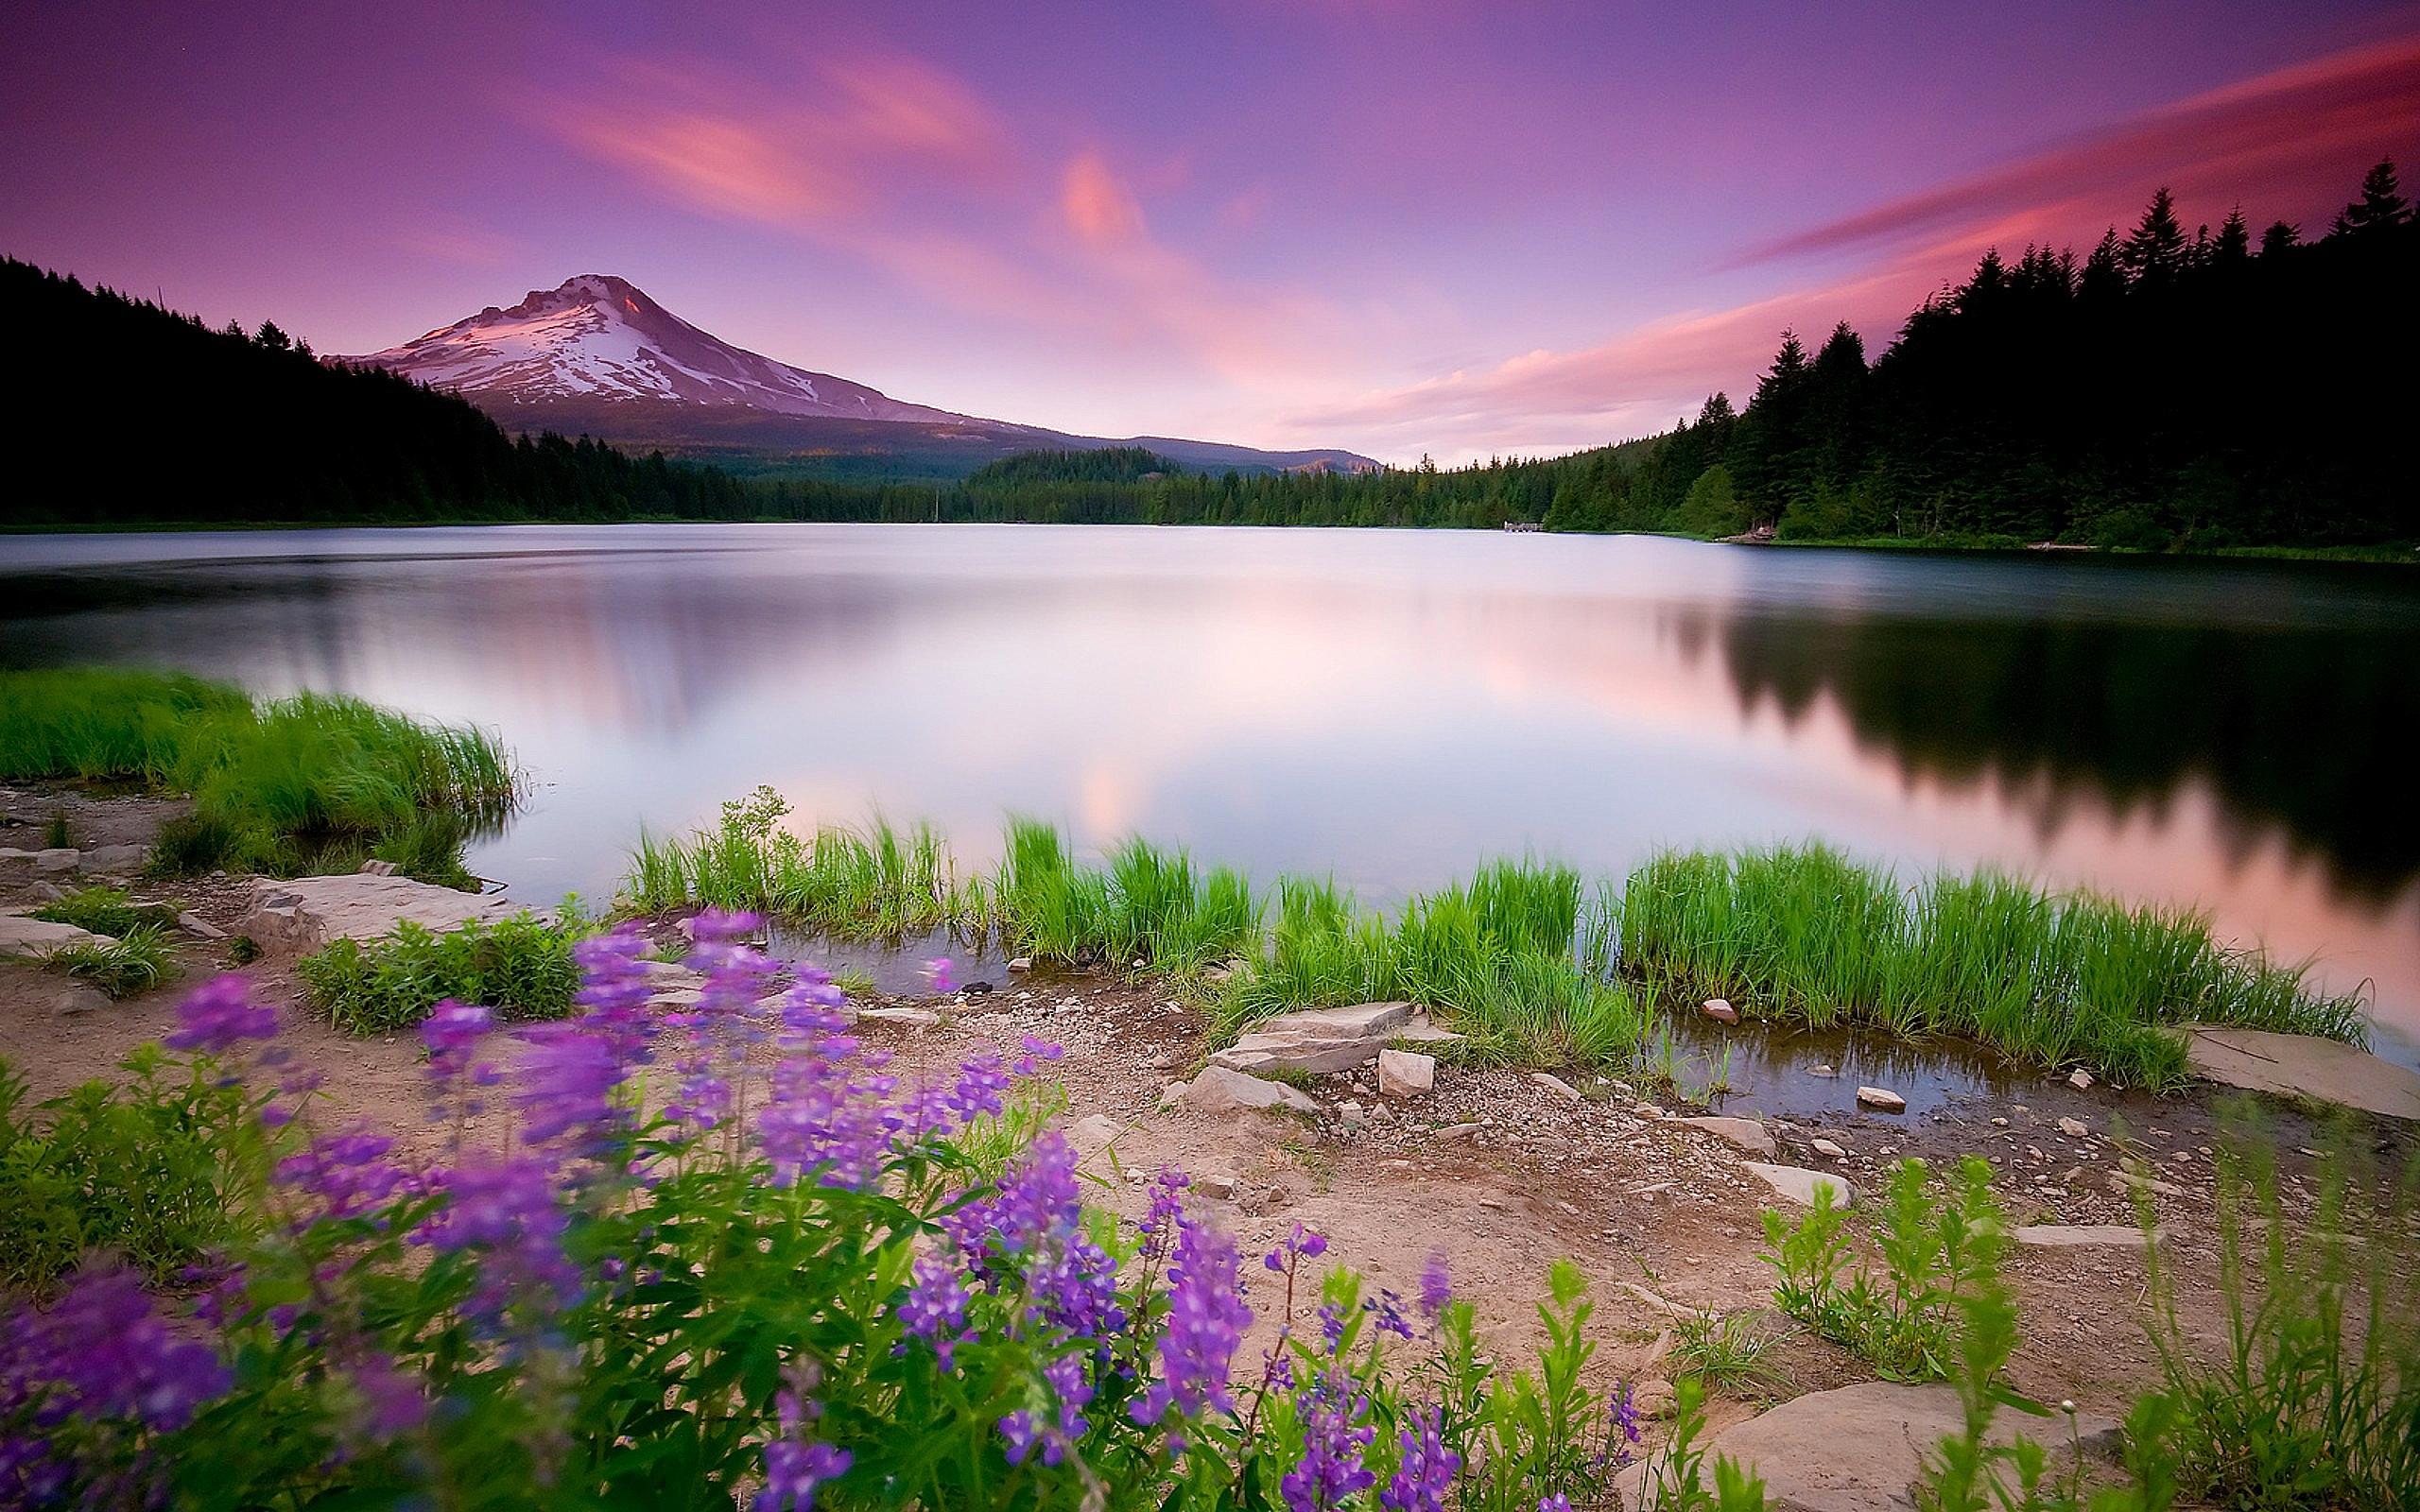 49683 Заставки и Обои Озера на телефон. Скачать Озера, Пейзаж, Природа картинки бесплатно